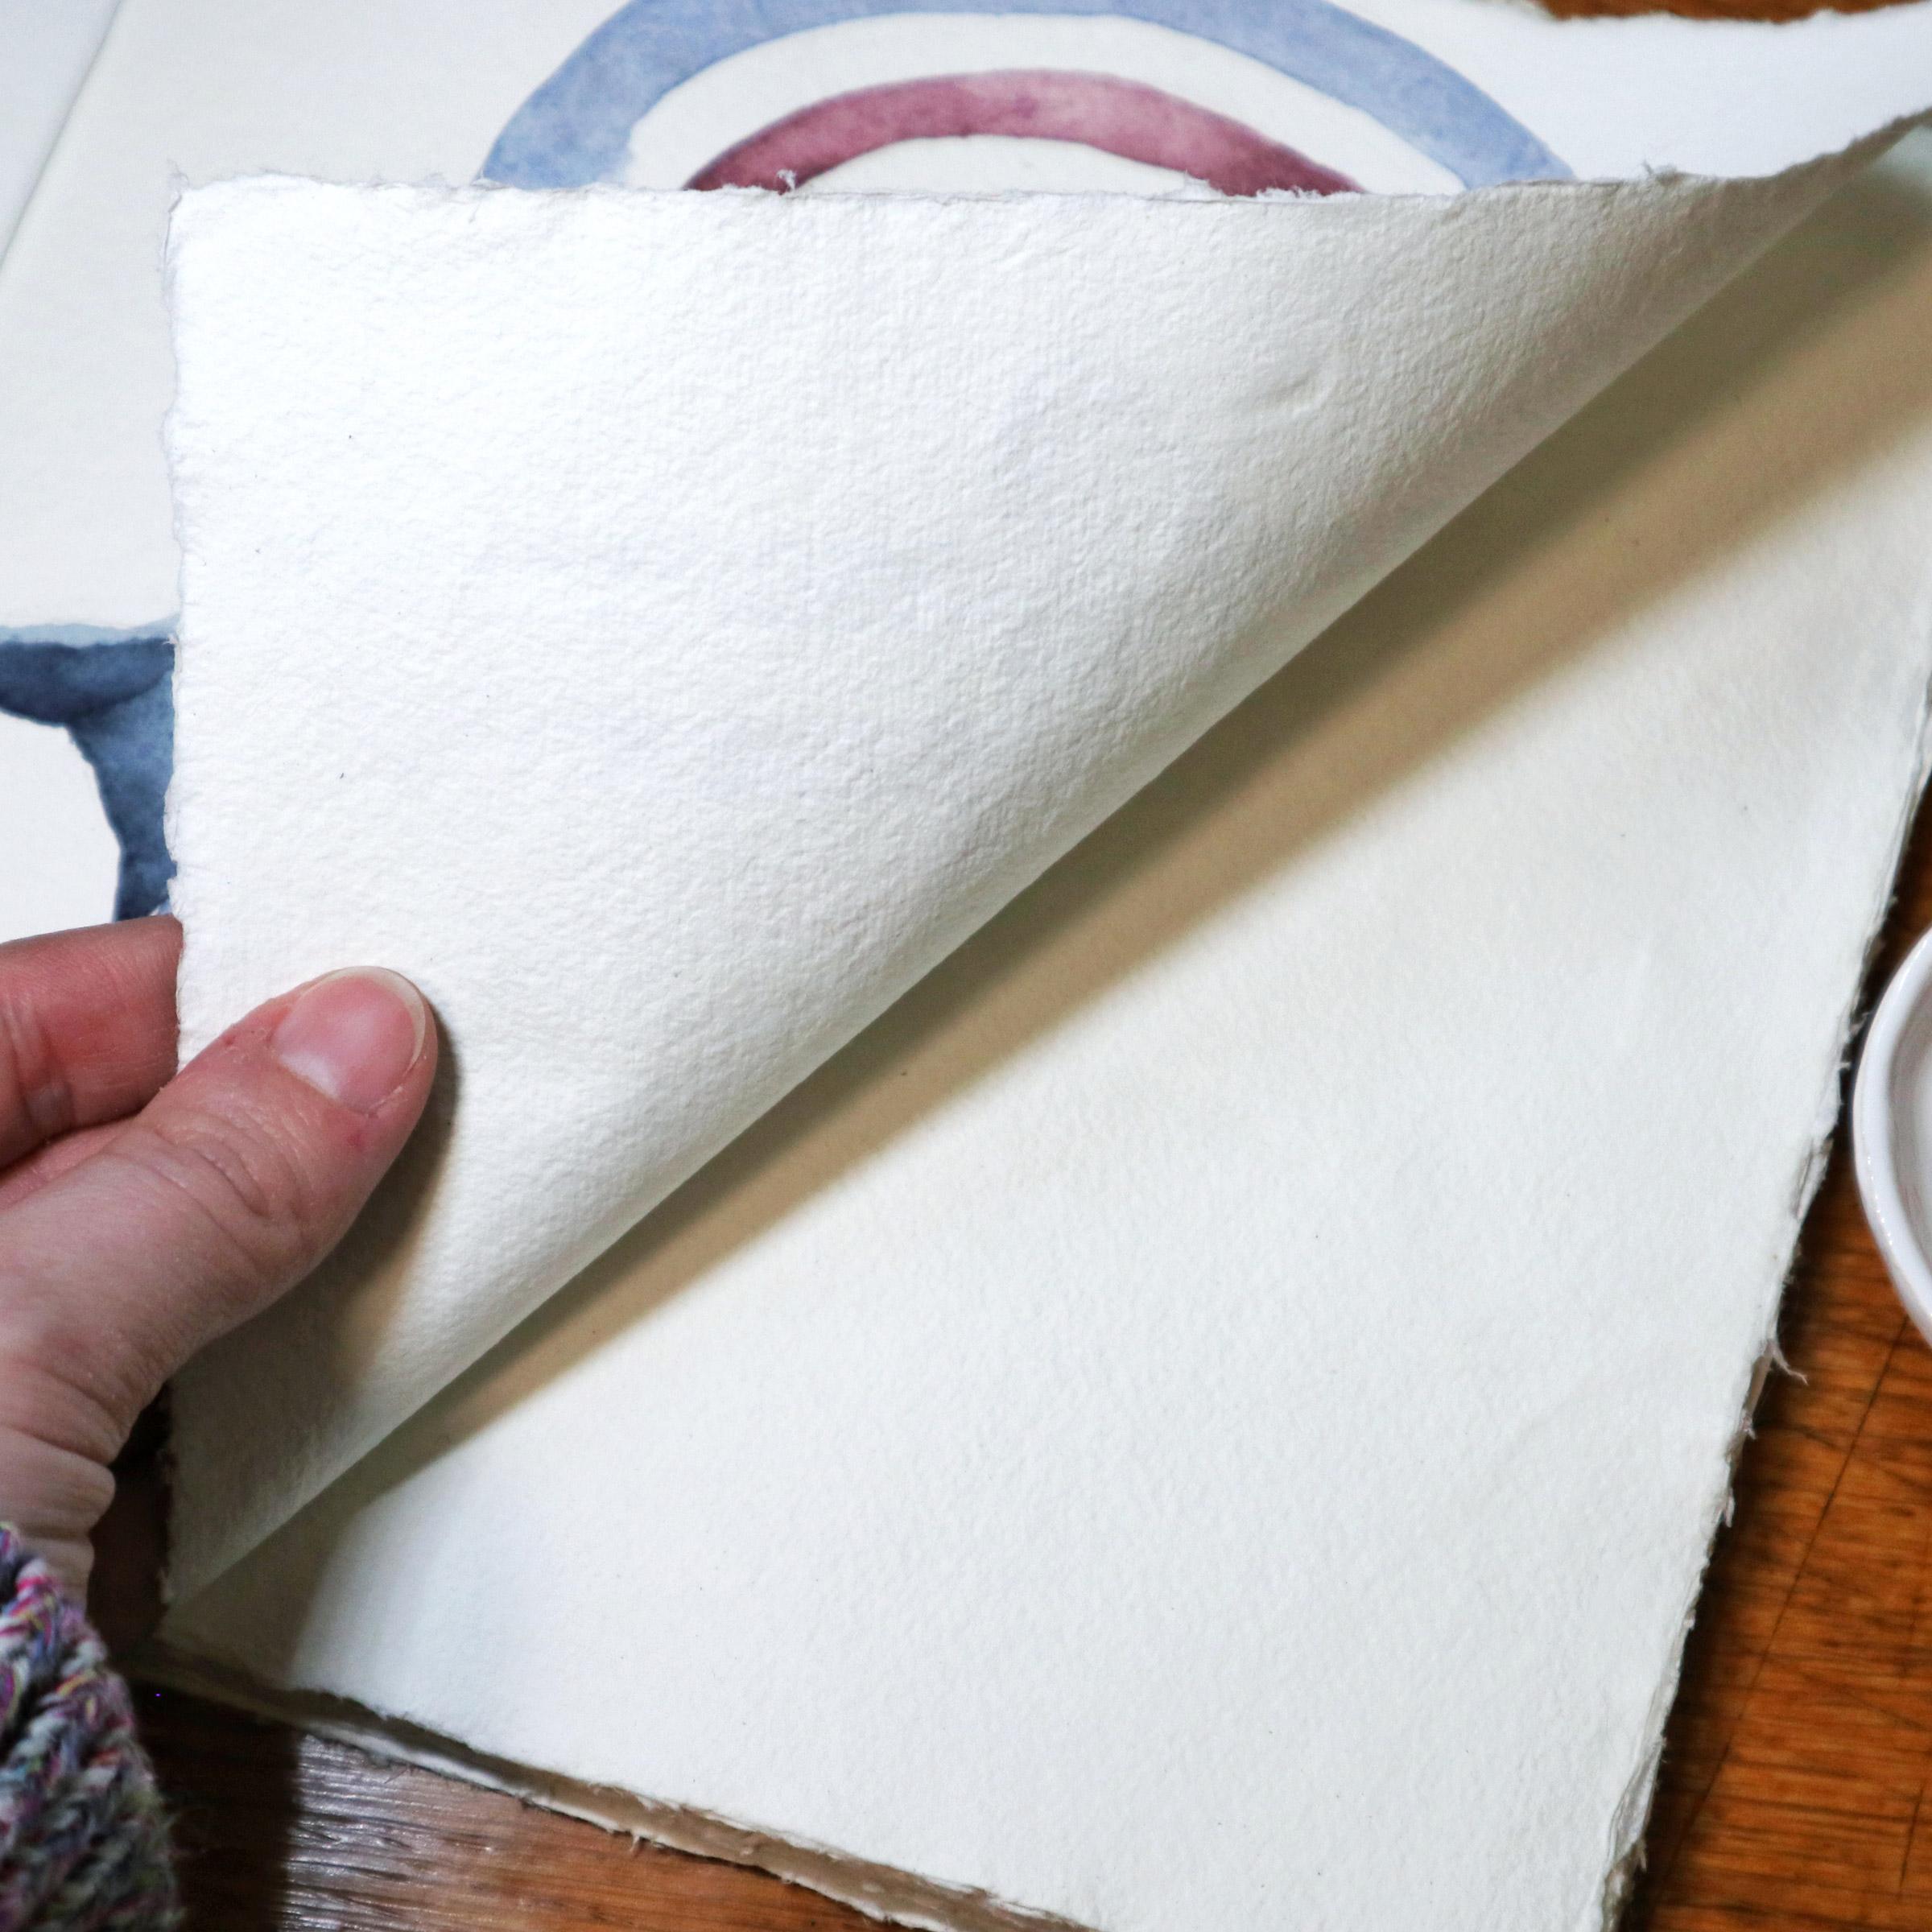 Nach dem Trocknen sind keine Wellen mehr auf dem Papier zu sehen.